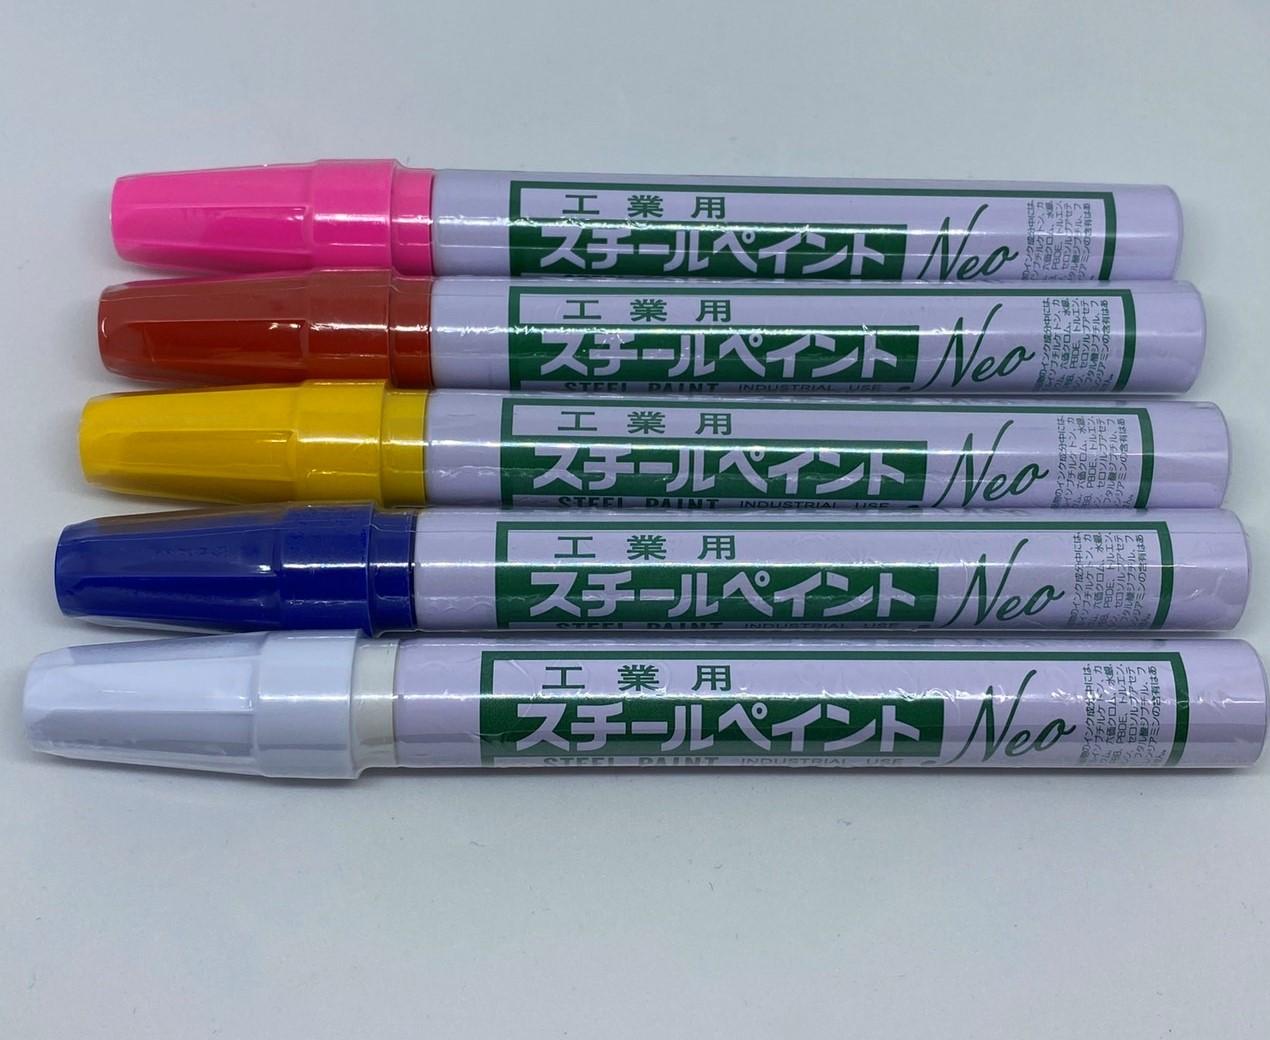 ネコポスOK 硬芯マーカー細字 アルトン 建築用筆記具 工業用スチールペイント 細字白 ピンク 赤NEO600 黄 直輸入品激安 NEOに変わりました 送料無料限定セール中 青